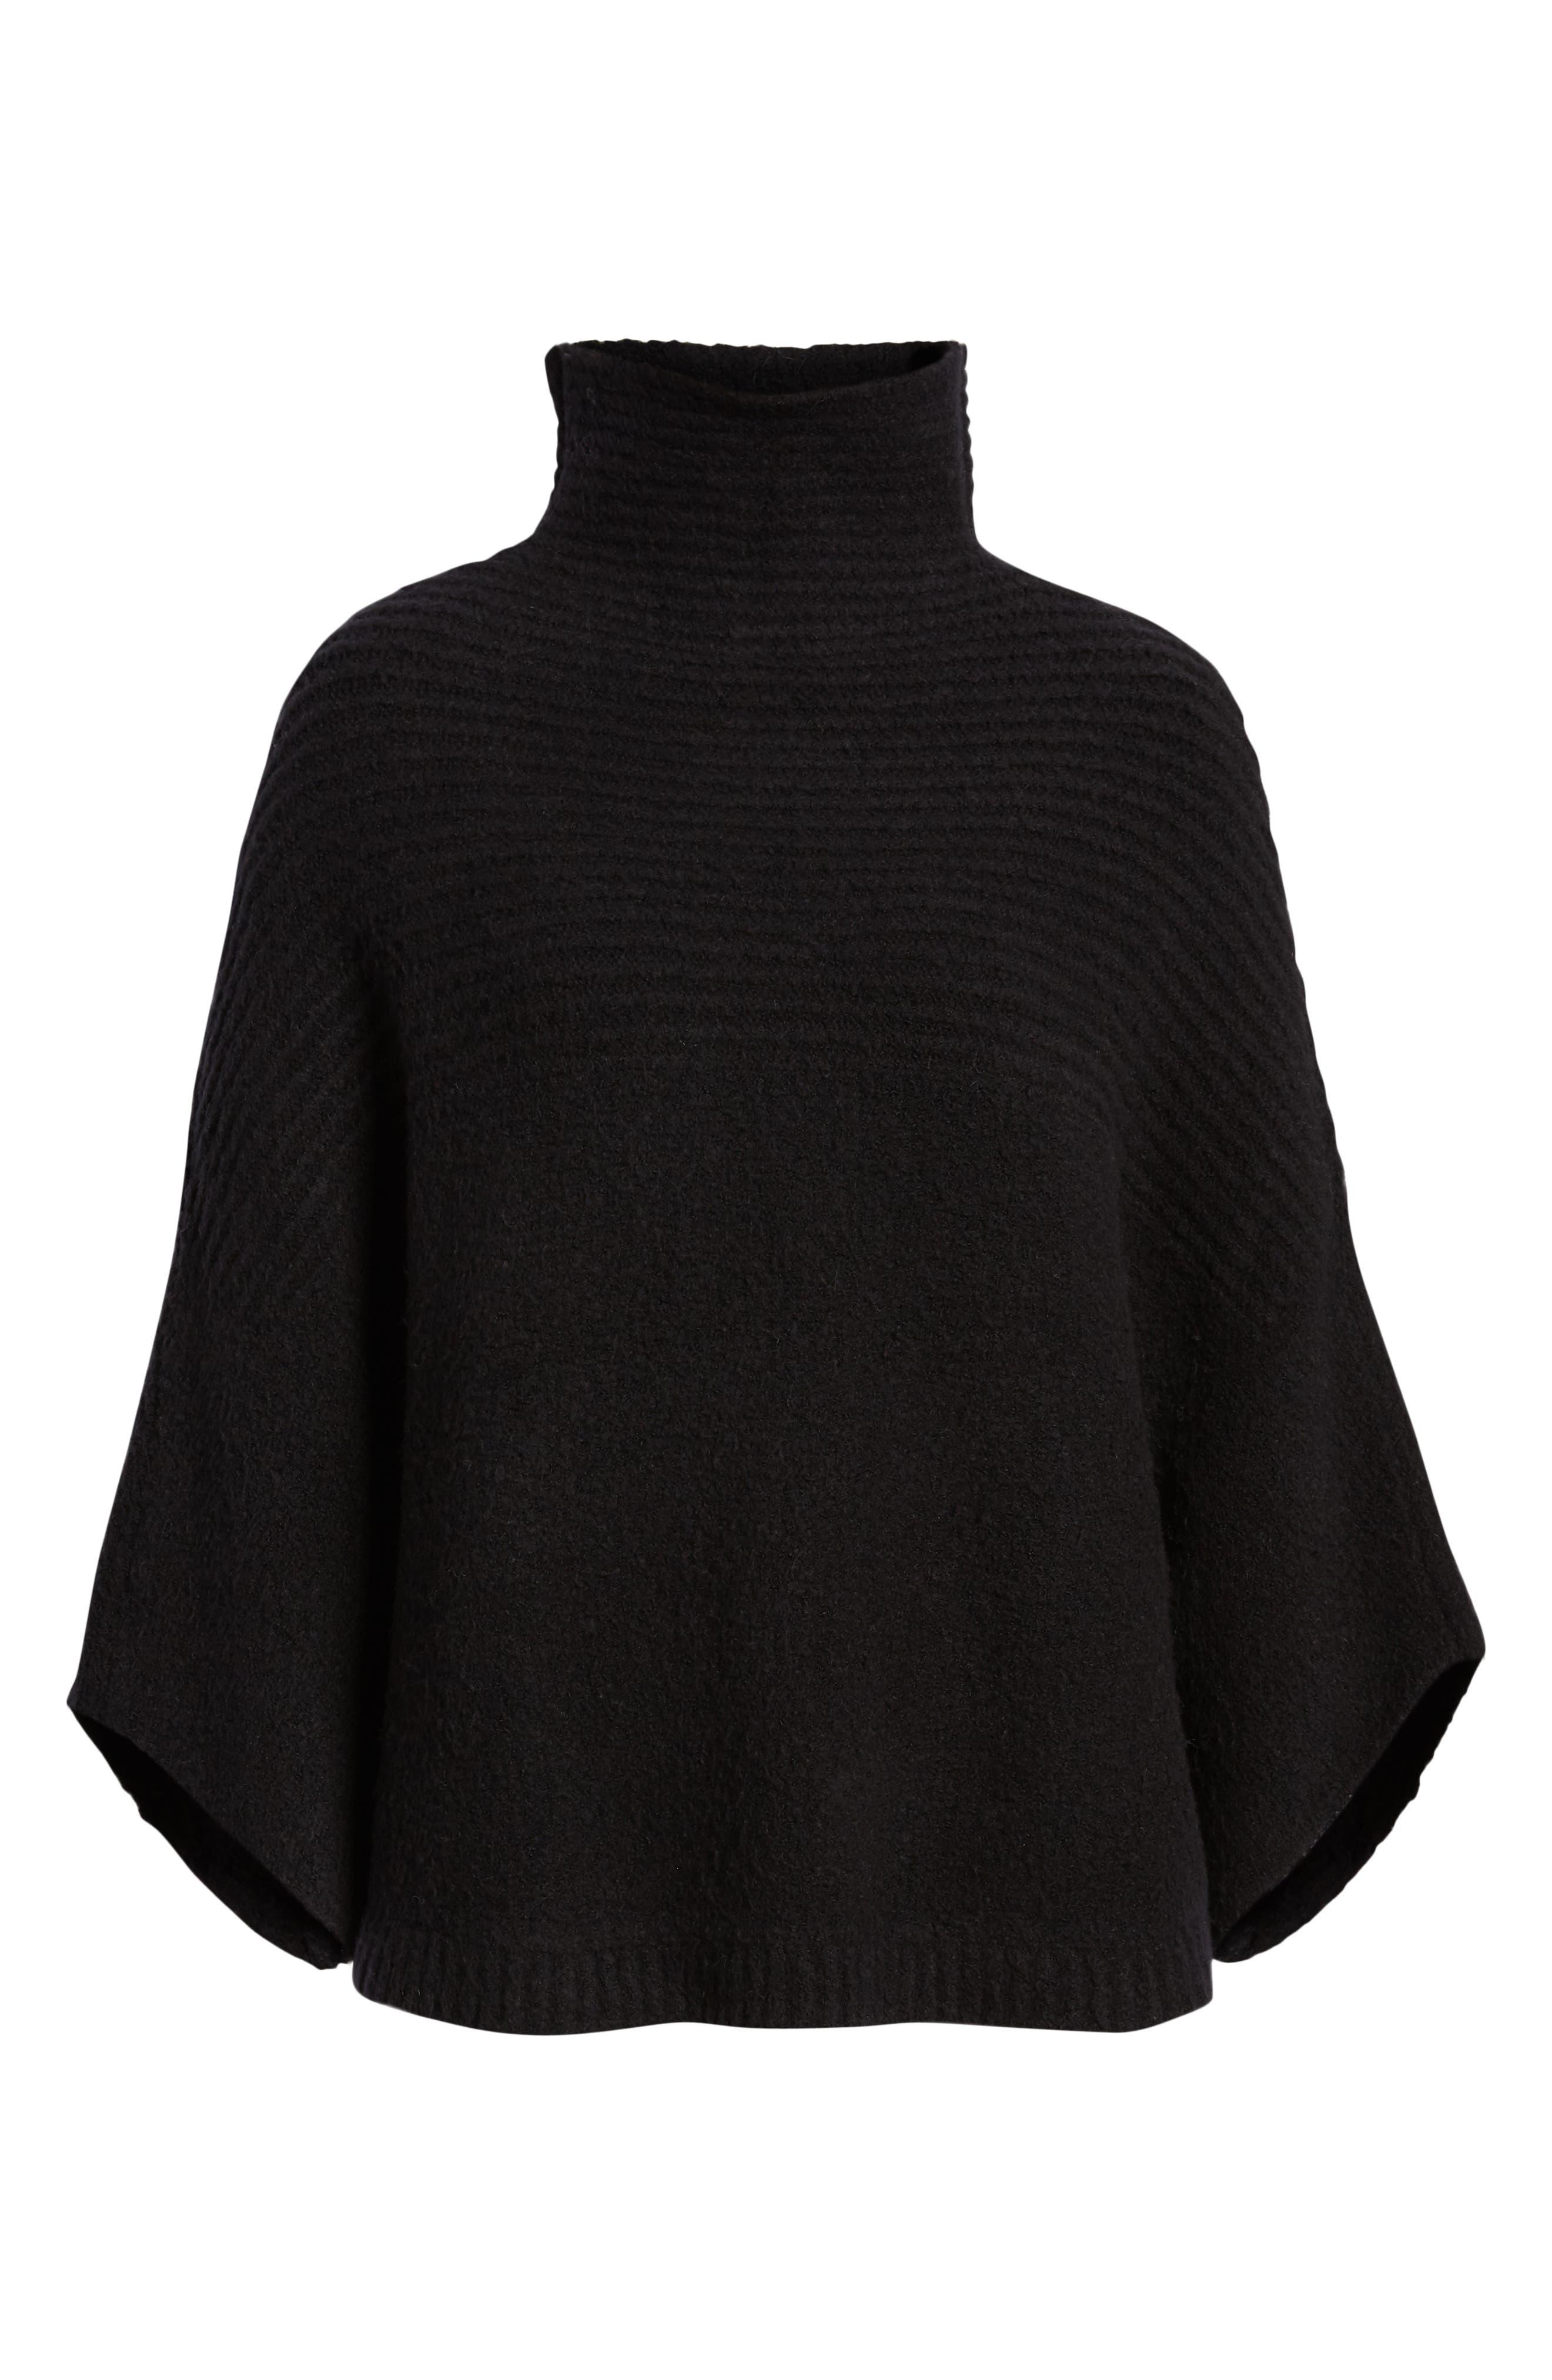 Rib Knit Turtleneck Poncho,                             Alternate thumbnail 6, color,                             BLACK